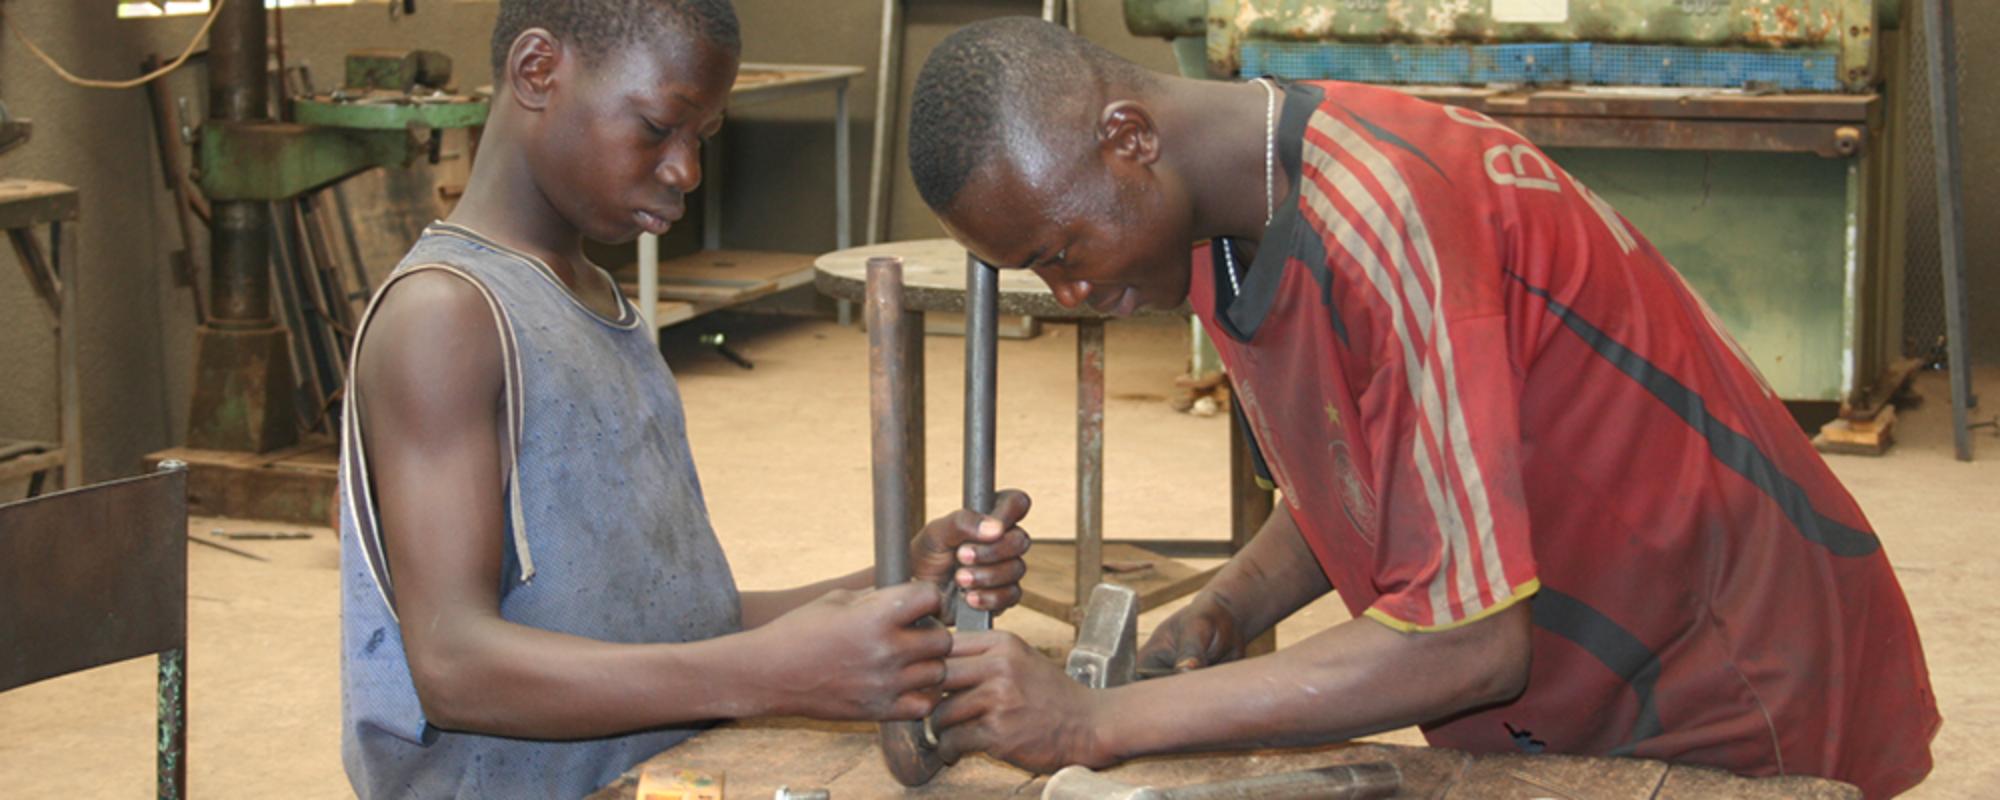 09 04_Formazione di giovani artigiani